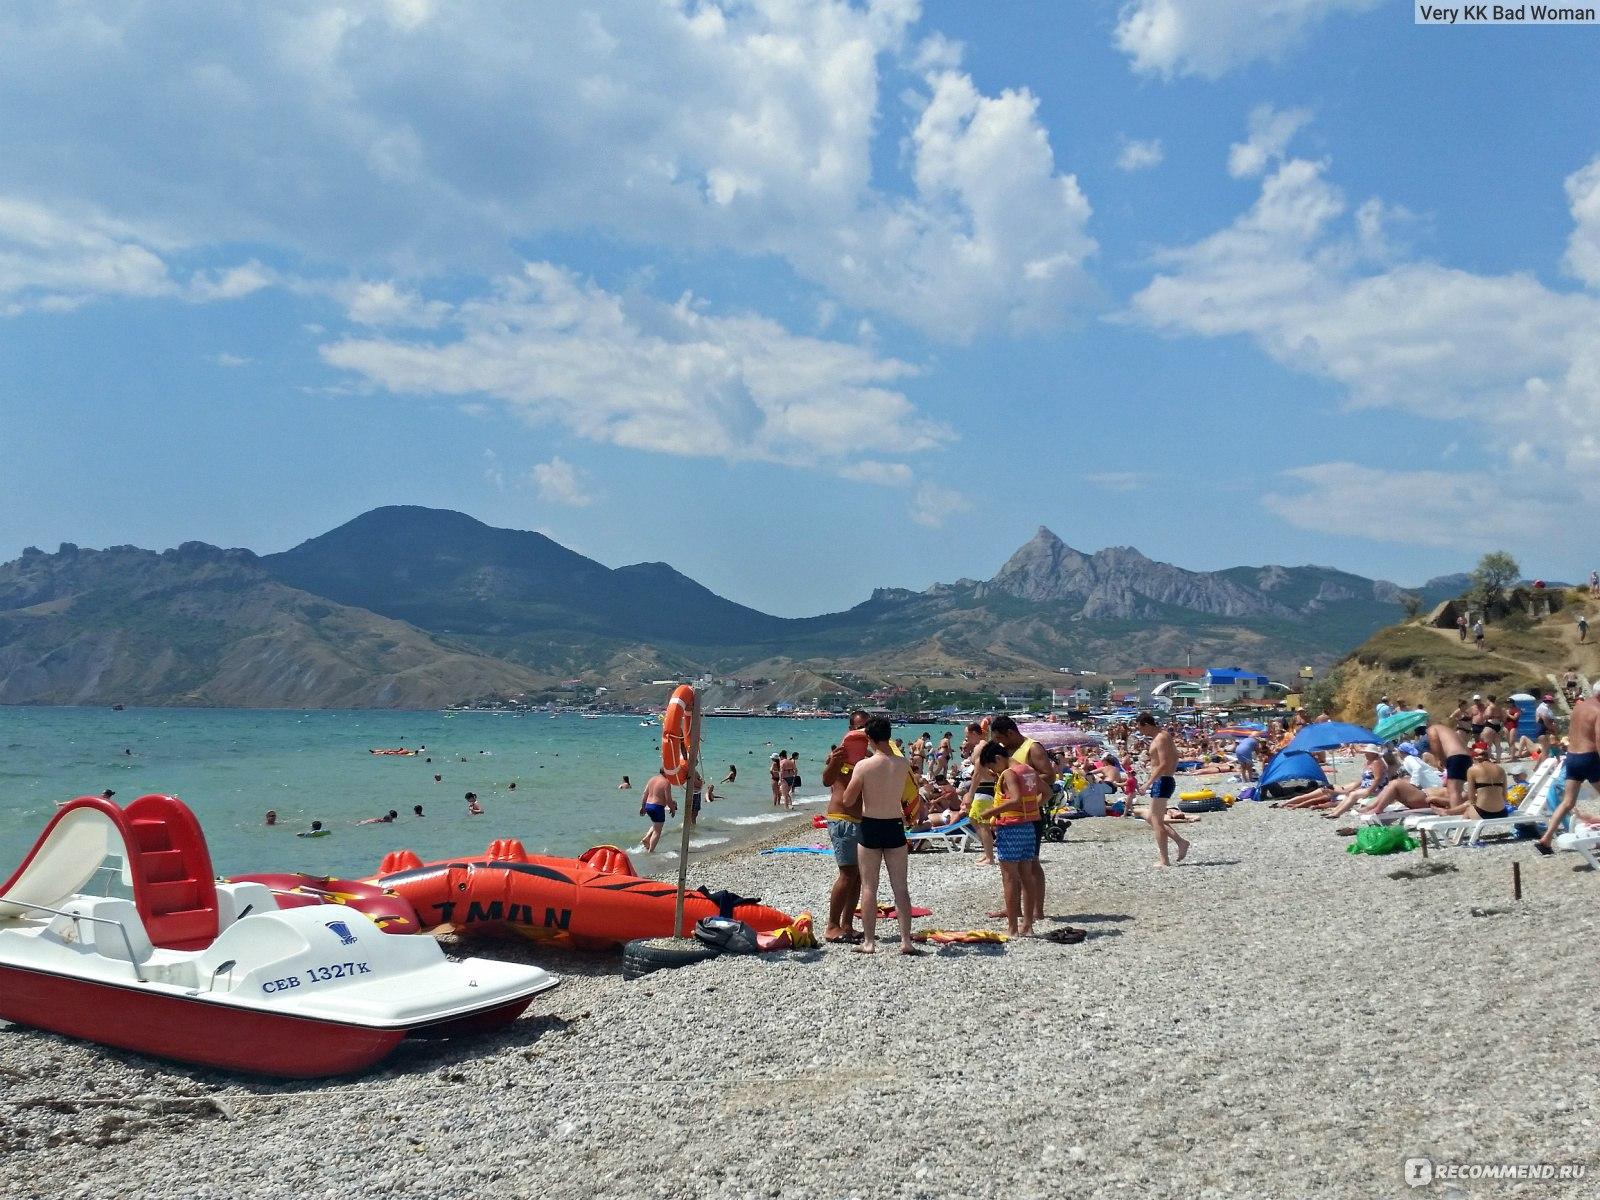 короткой мальтийский пляж коктебель фото одном